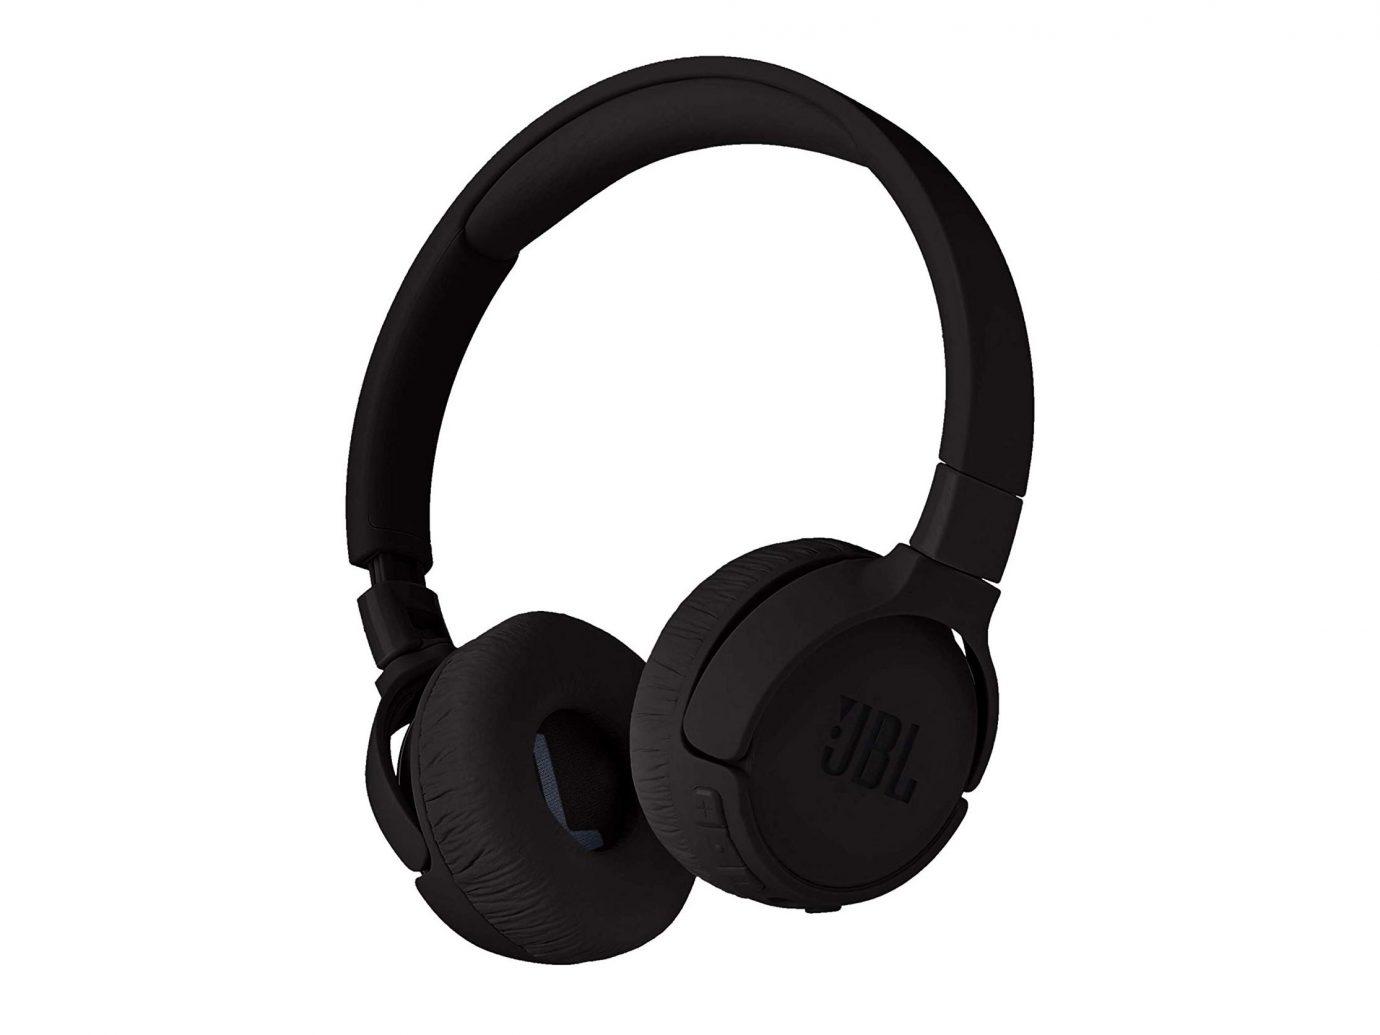 JBL TUNE 600 BTNC Wireless On-Ear Noise Canceling Headphones